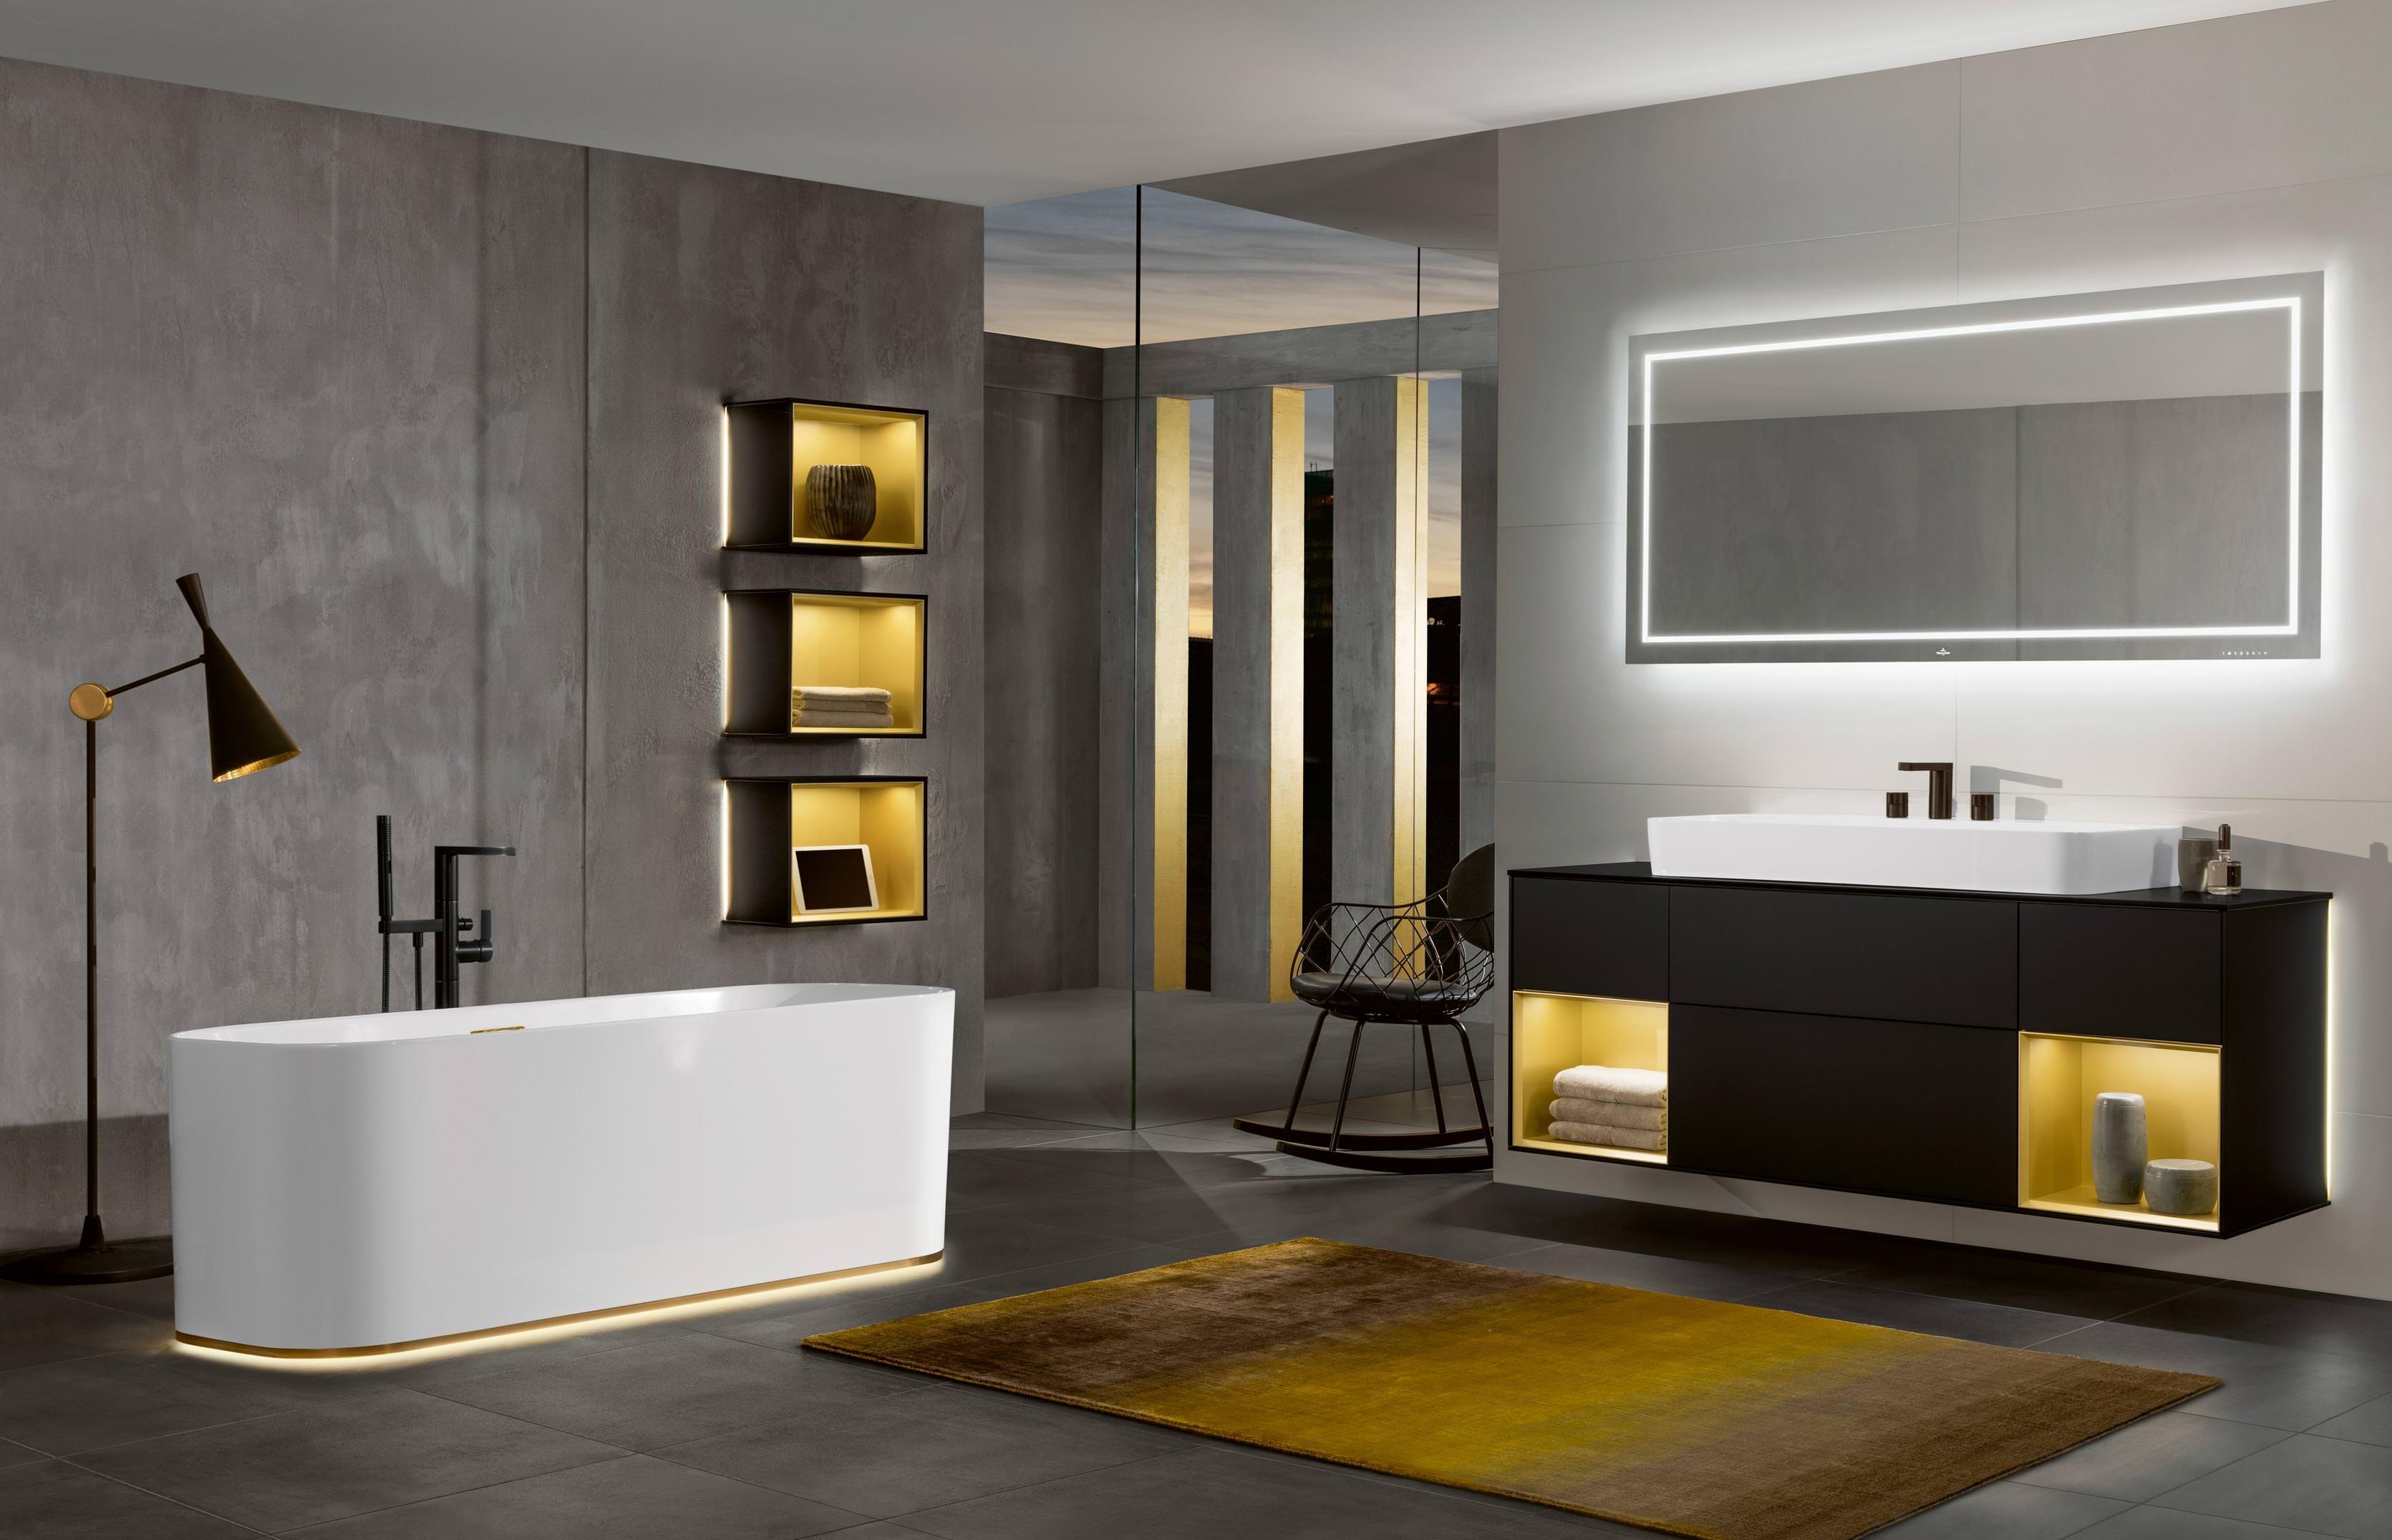 Badmöbelhersteller profitieren vom Renovierungsboom im Badezimmer